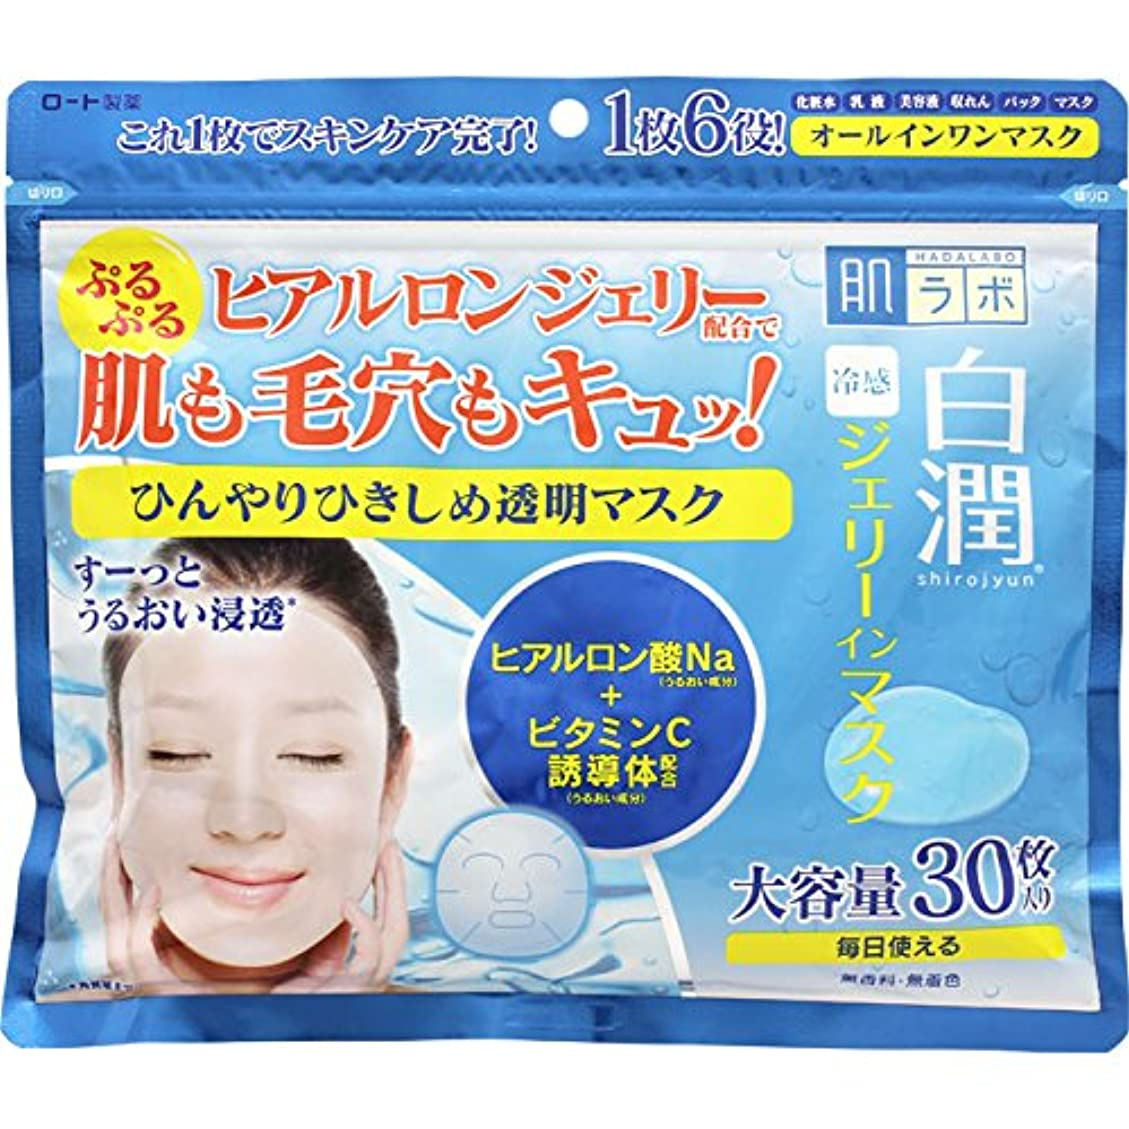 悲惨プライムラインナップ肌ラボ 白潤 冷感ジェリーインマスク 化粧水?乳液?美容液?収れん?パック?マスクの1枚6役 大容量30枚